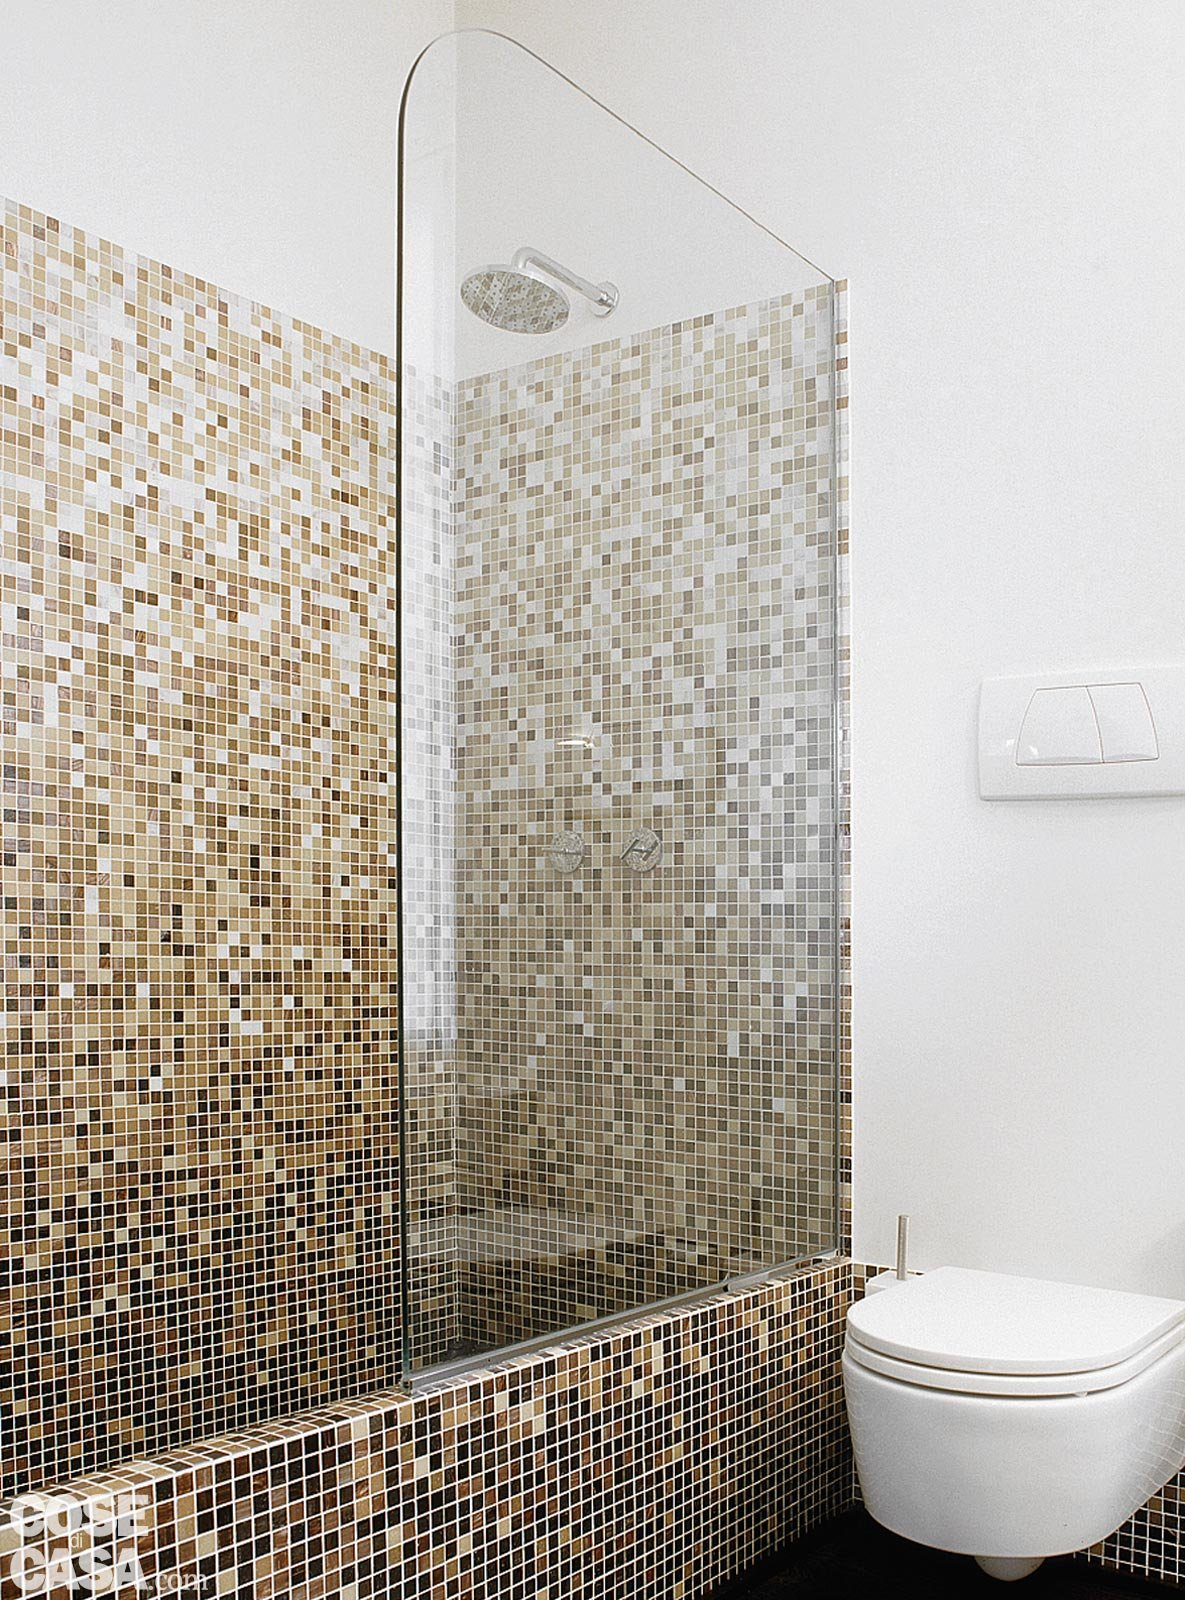 Mosaici bagni moderni trendy bagno moderno con doccia box doccia e mosaico mattonelle di vetro - Piastrelle bagno damascate ...